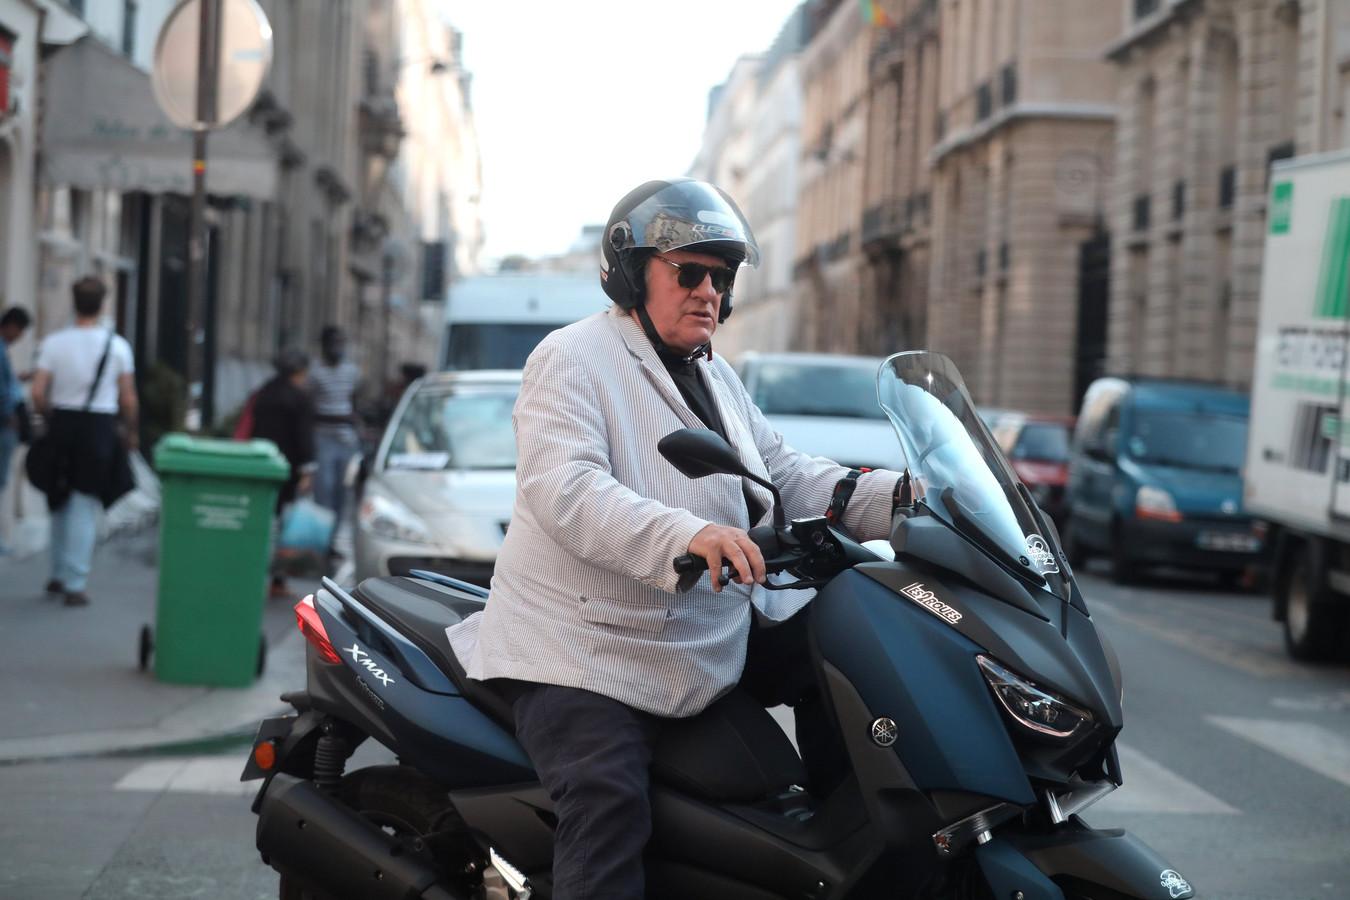 Photo d'illustration de Gérard Depardieu en scooter